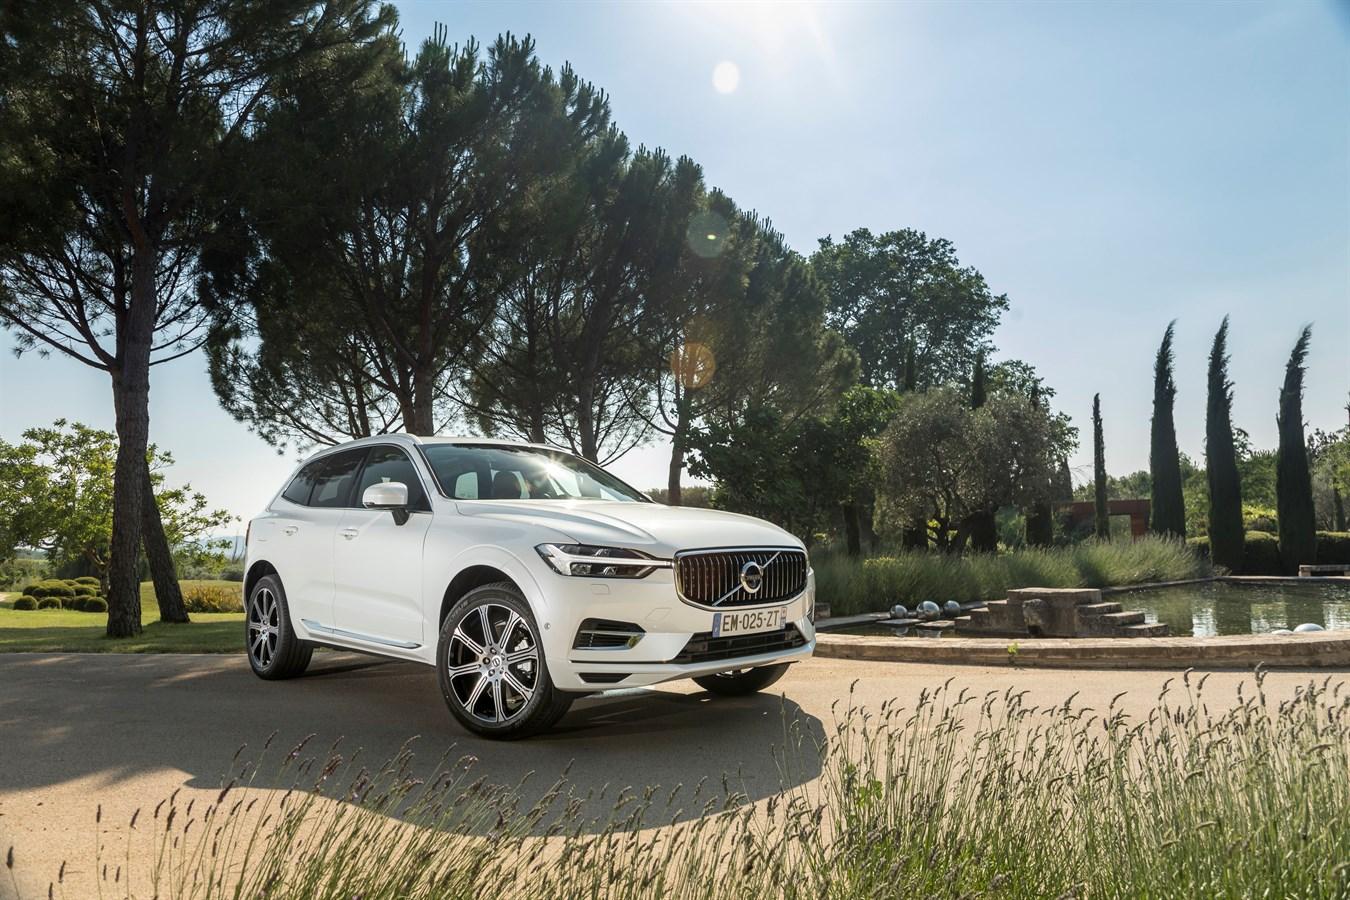 Nouveau Volvo XC60 T8 Twin Engine Inscription Luxe - Blanc Cristal métallisé 707